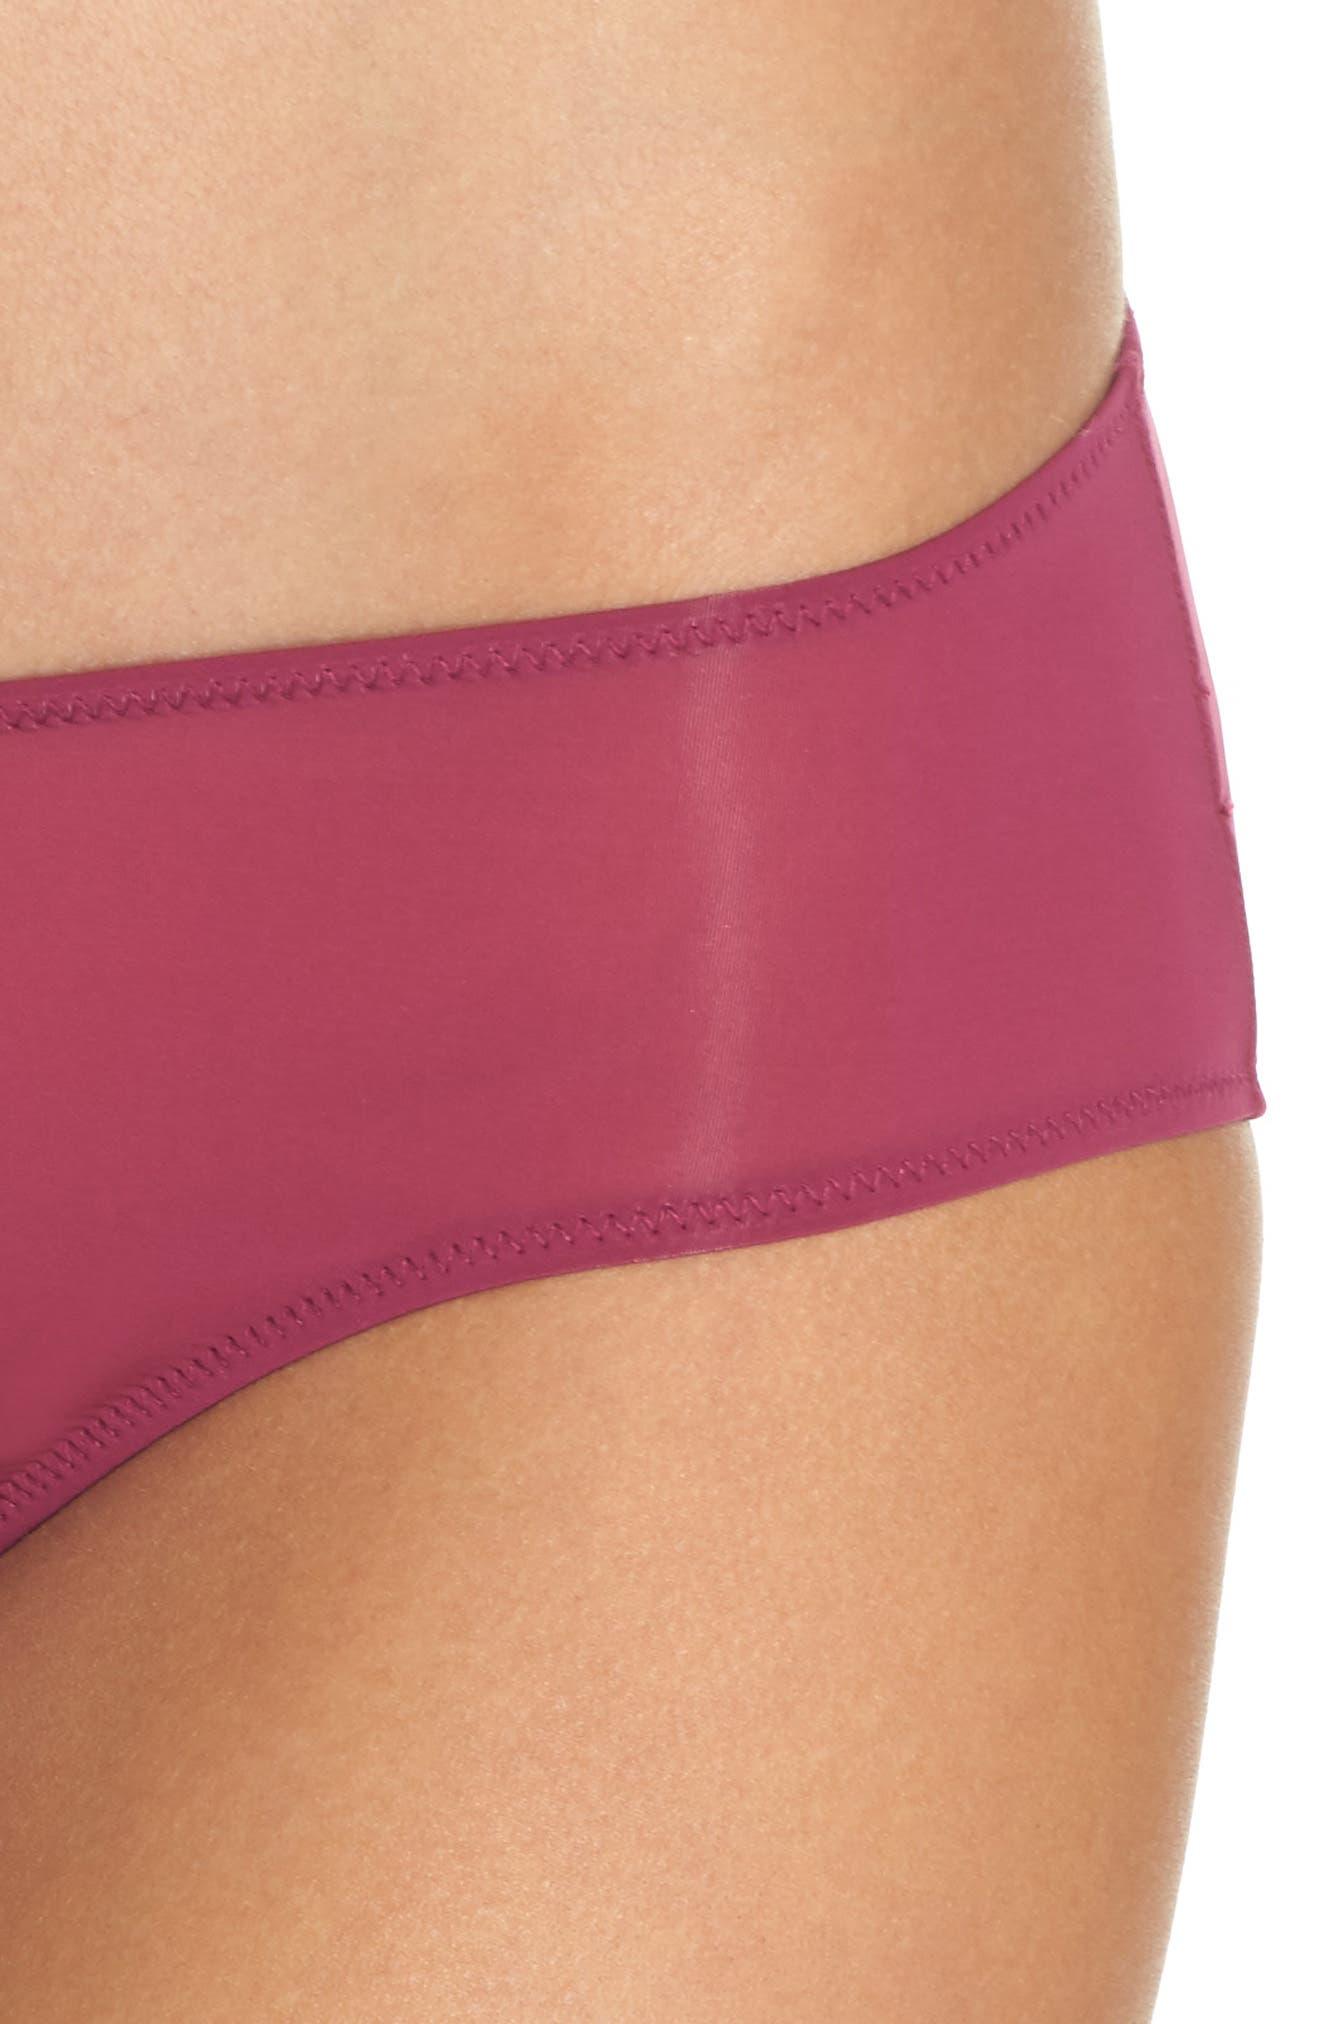 Sheer Mesh Panties,                             Alternate thumbnail 8, color,                             Aubergine